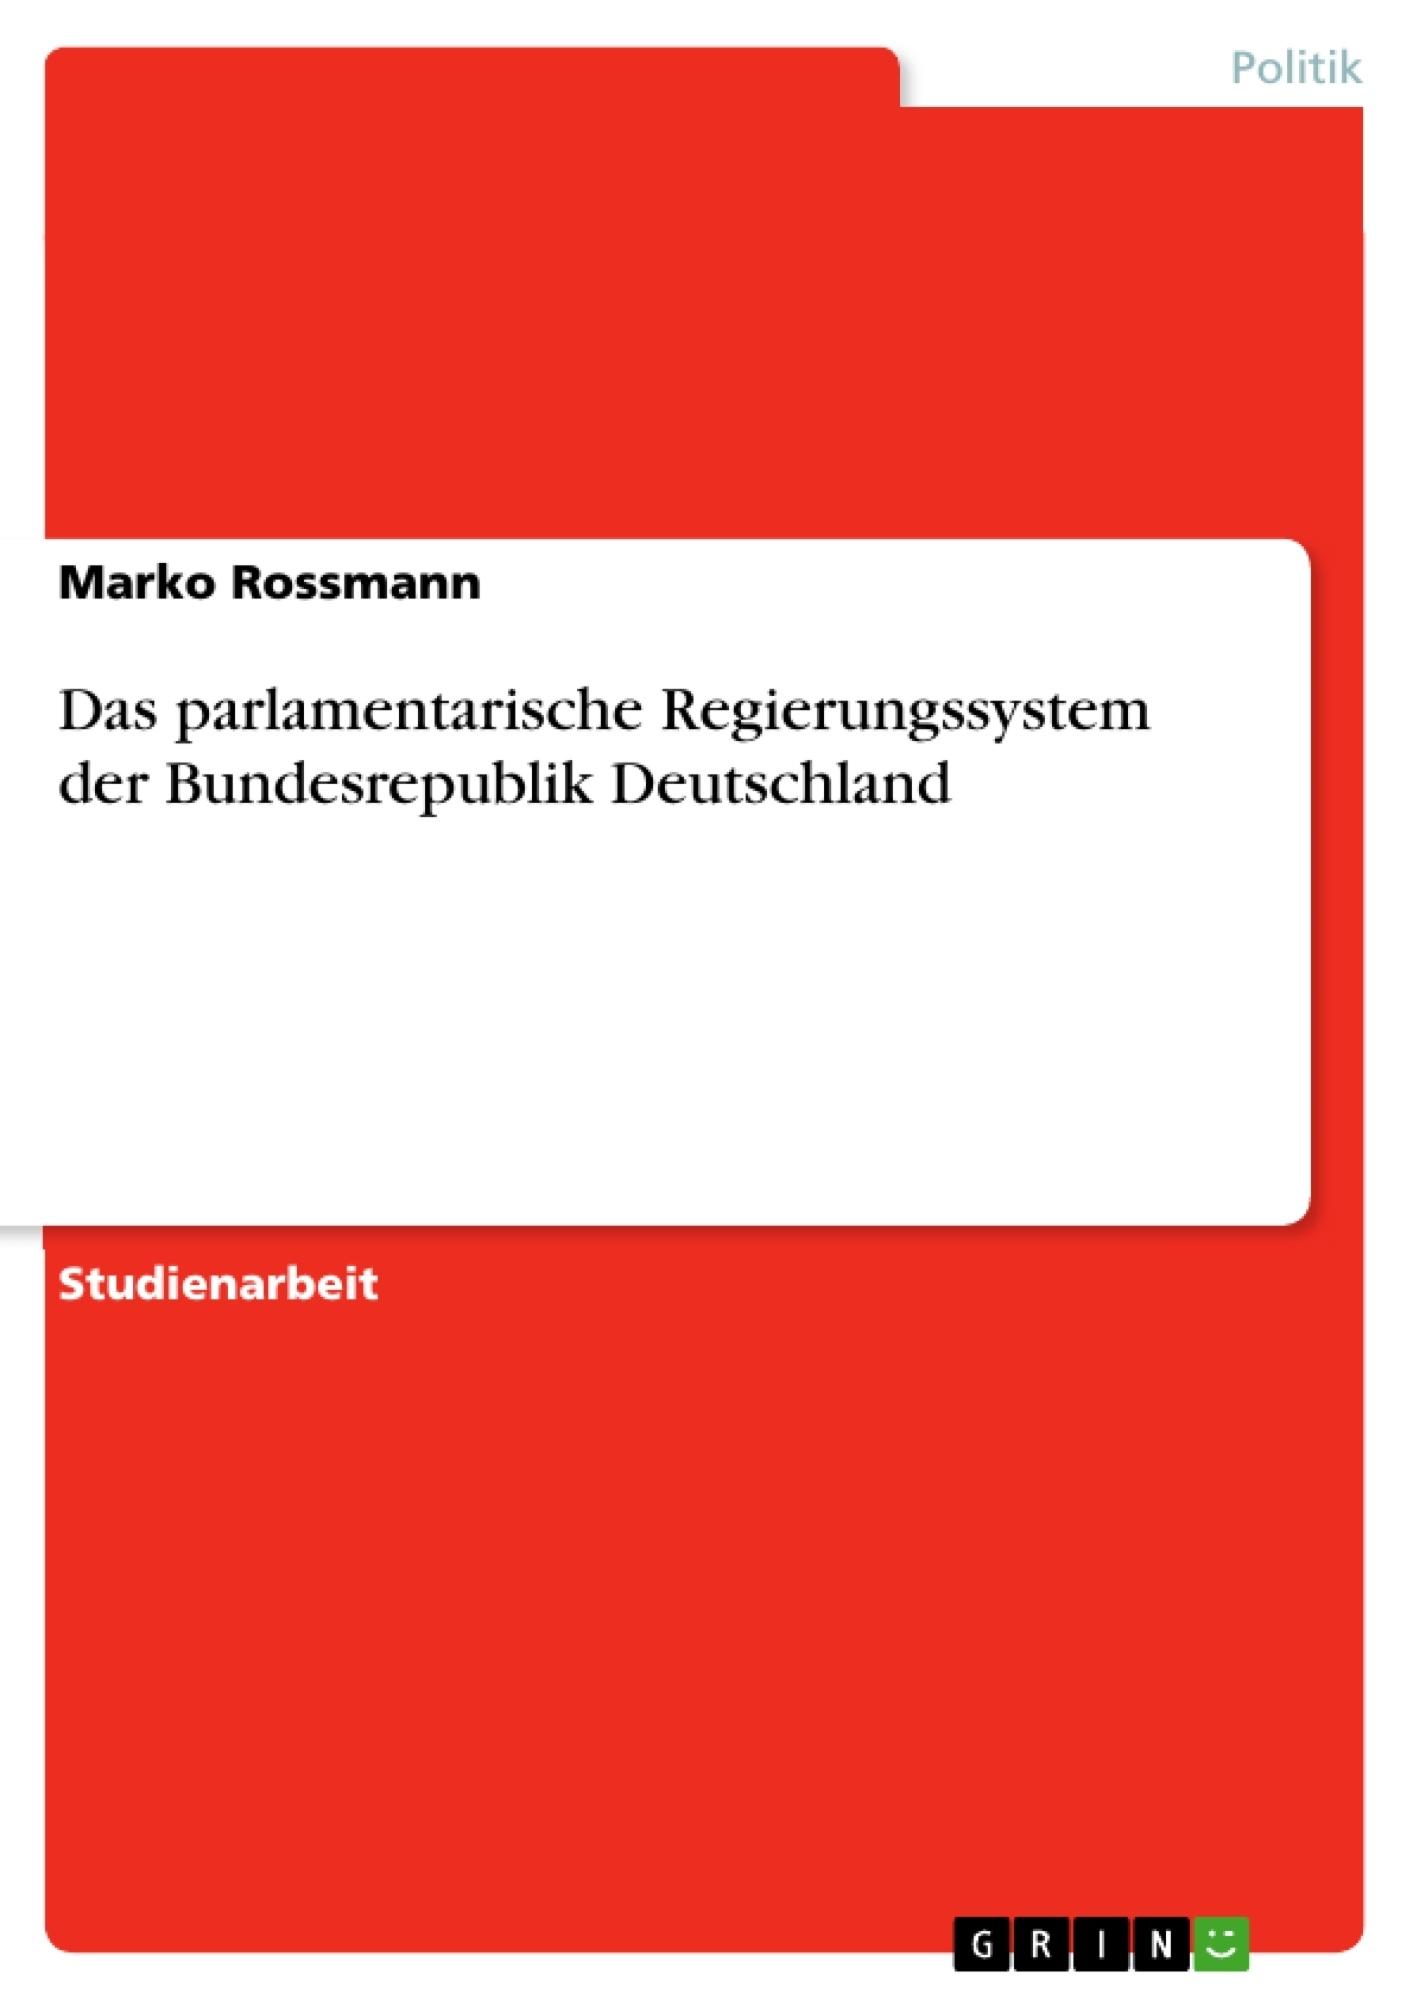 Titel: Das parlamentarische Regierungssystem der Bundesrepublik Deutschland